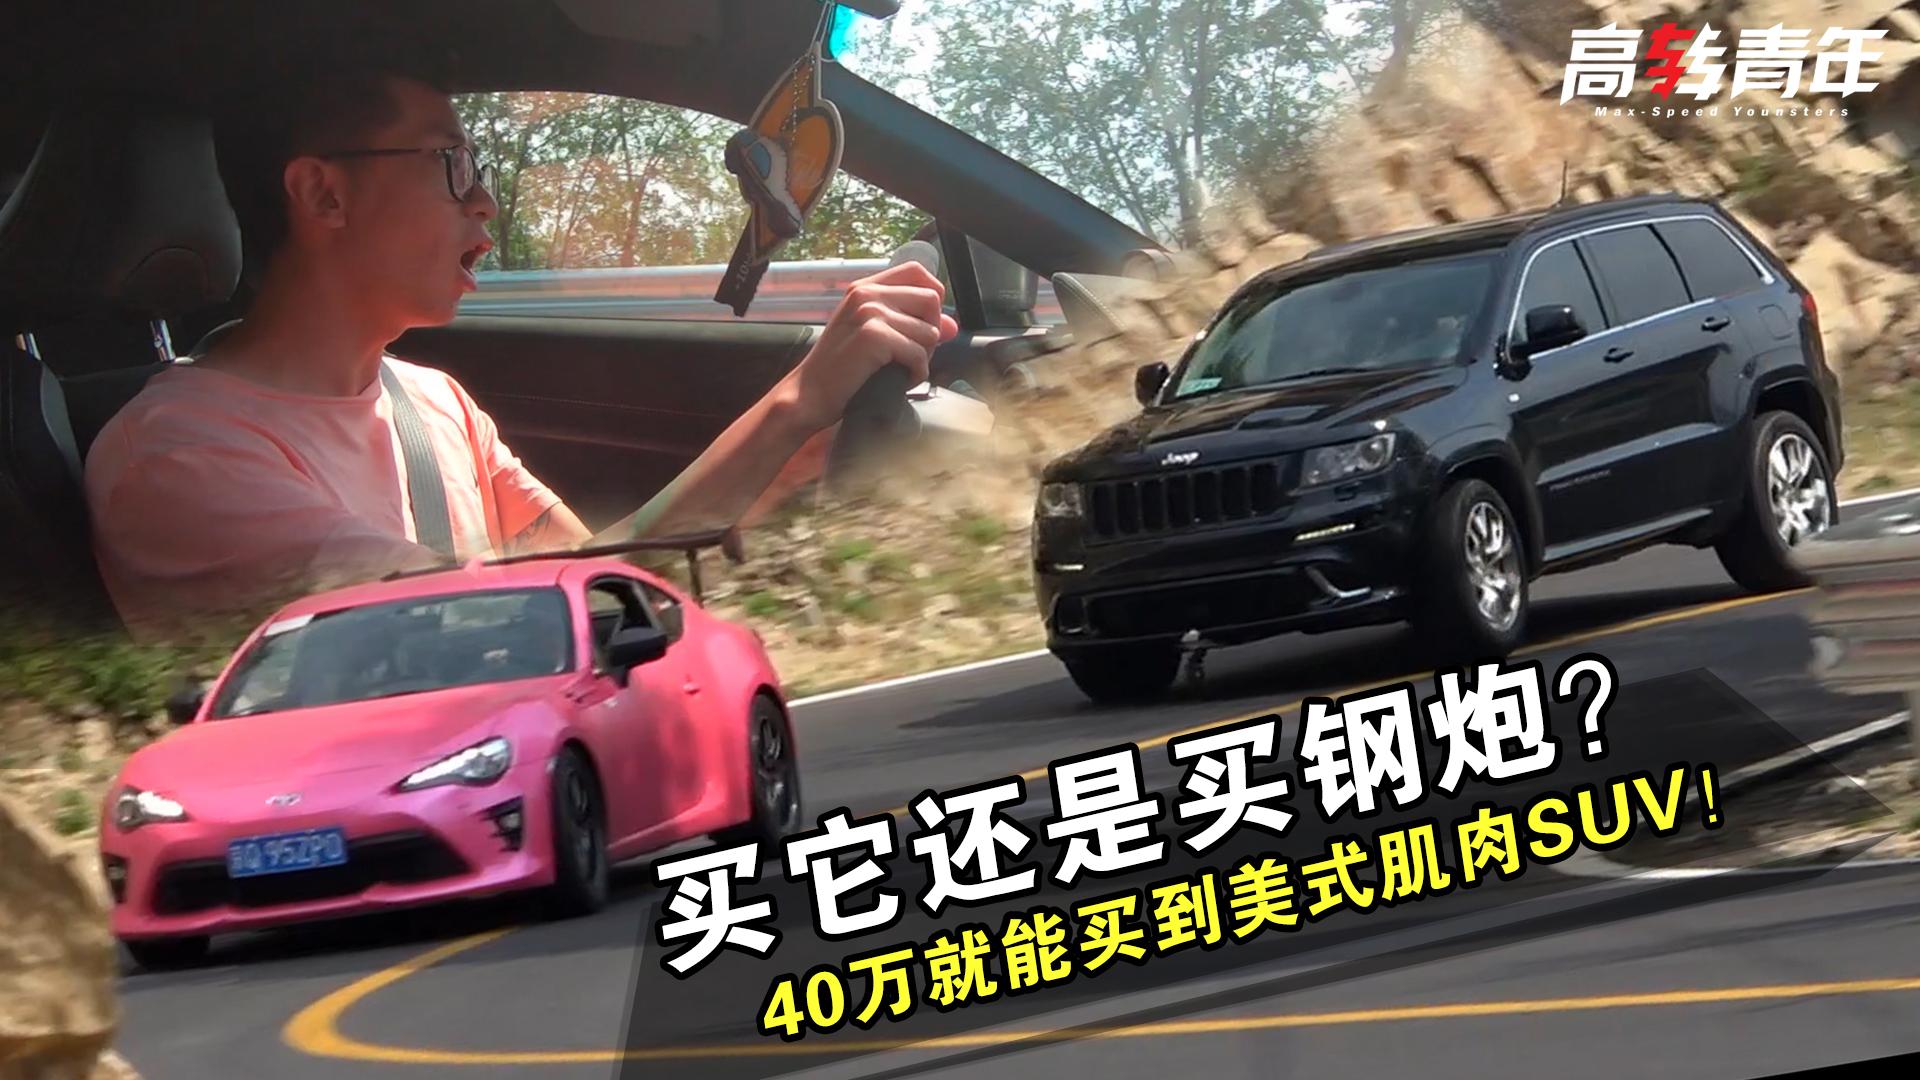 神秘V8竟在山路吊打86?视频